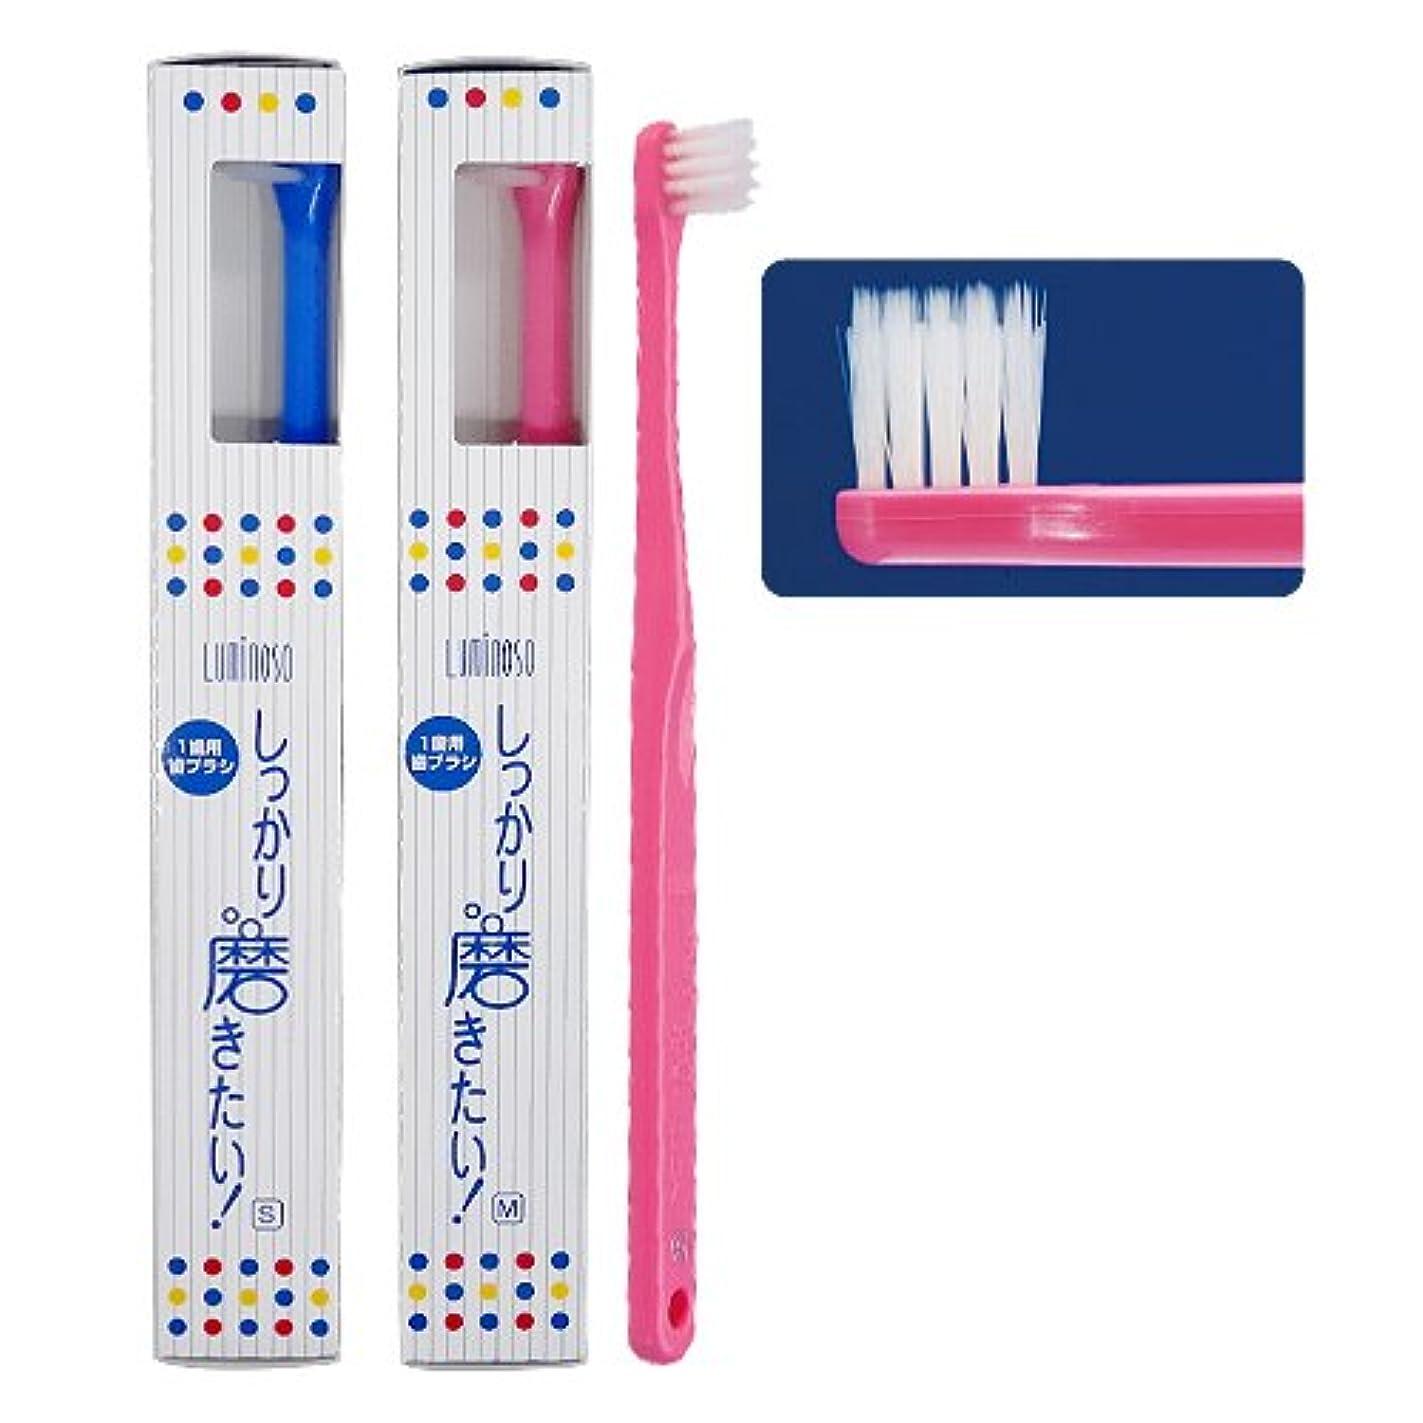 取り戻す入札下品ルミノソ 1歯用歯ブラシ「しっかり磨きたい!」スタンダード ソフト